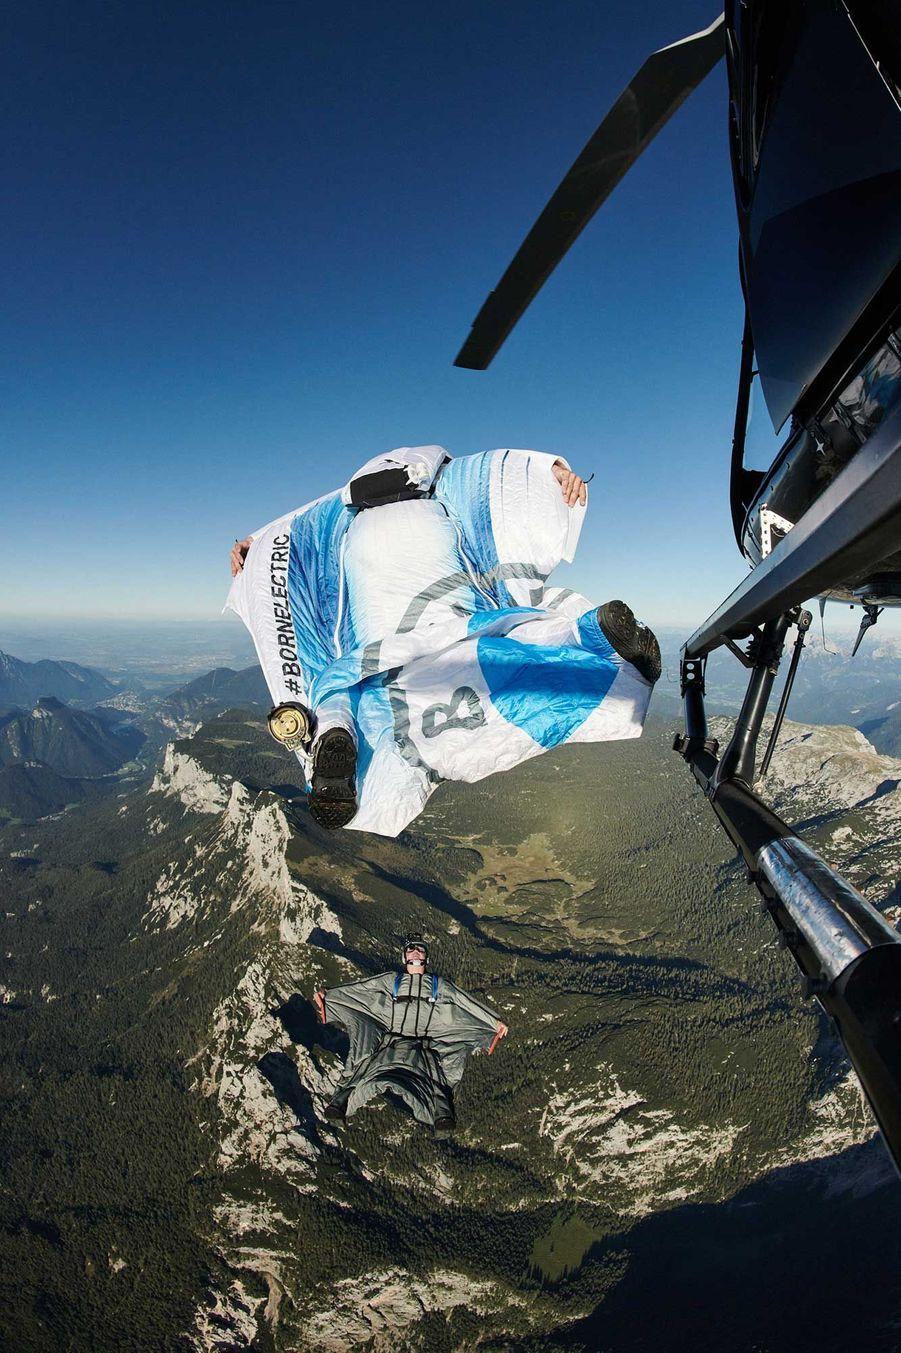 PeterSalzmann en vol au-dessus des Alpes avec son wingsuit électrique élaboré avec BMW.